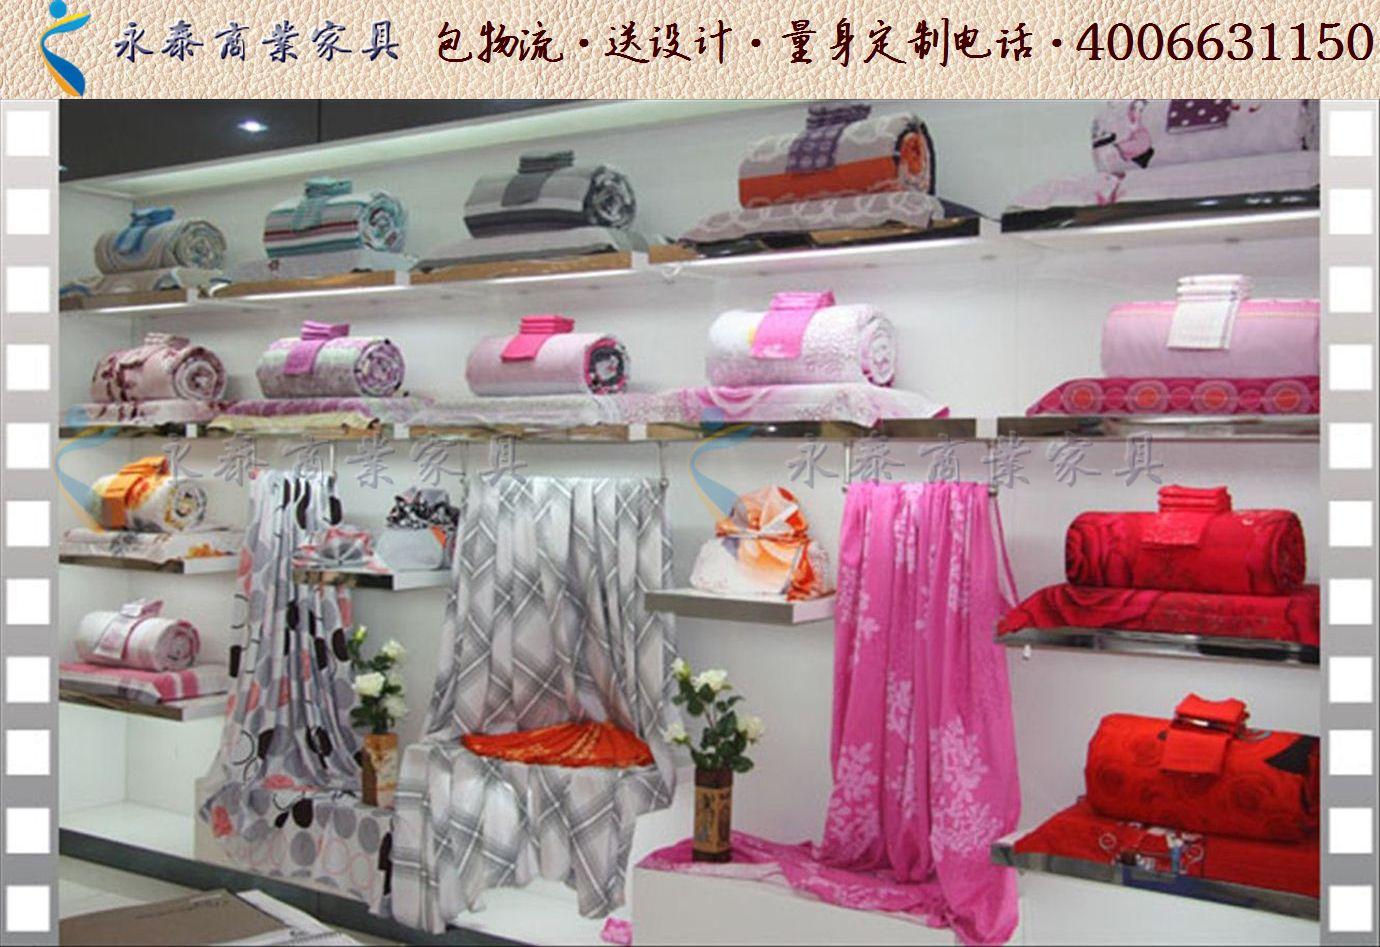 个性家纺店装修效果图大全时尚家纺展厅装修货架展示图片